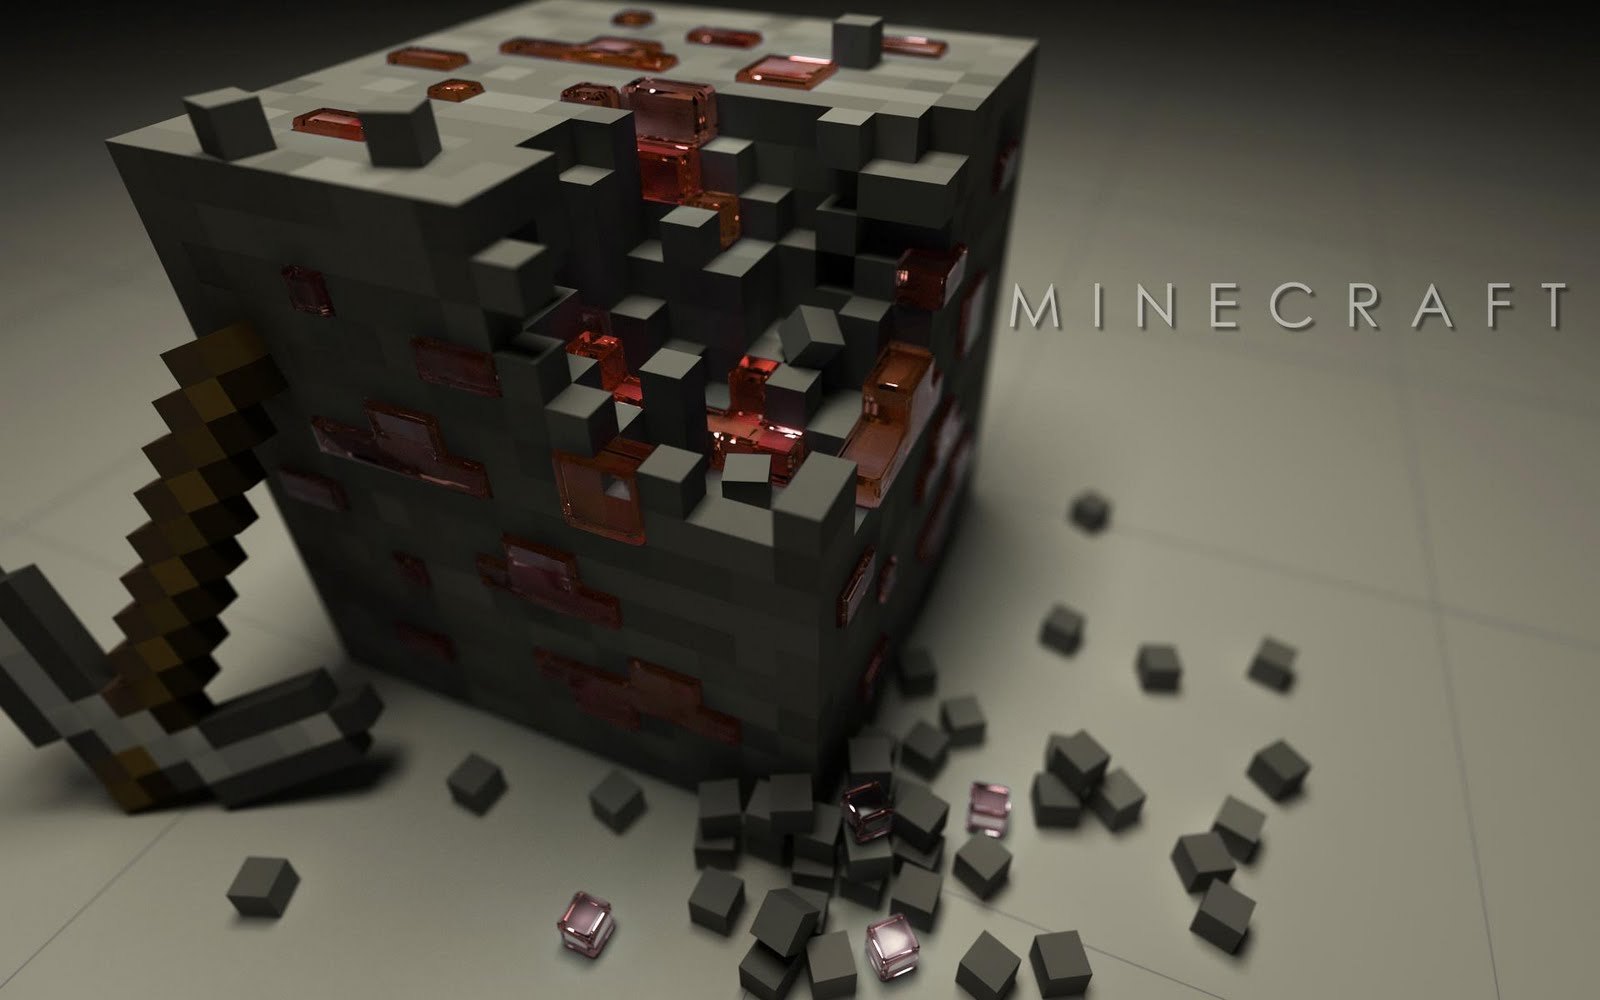 http://4.bp.blogspot.com/-qBOlo5fRQk4/TlUCwXVx4LI/AAAAAAAACuE/shOscvr-RLM/s1600/Minecraft_3D_HD_Wallpaper.jpg